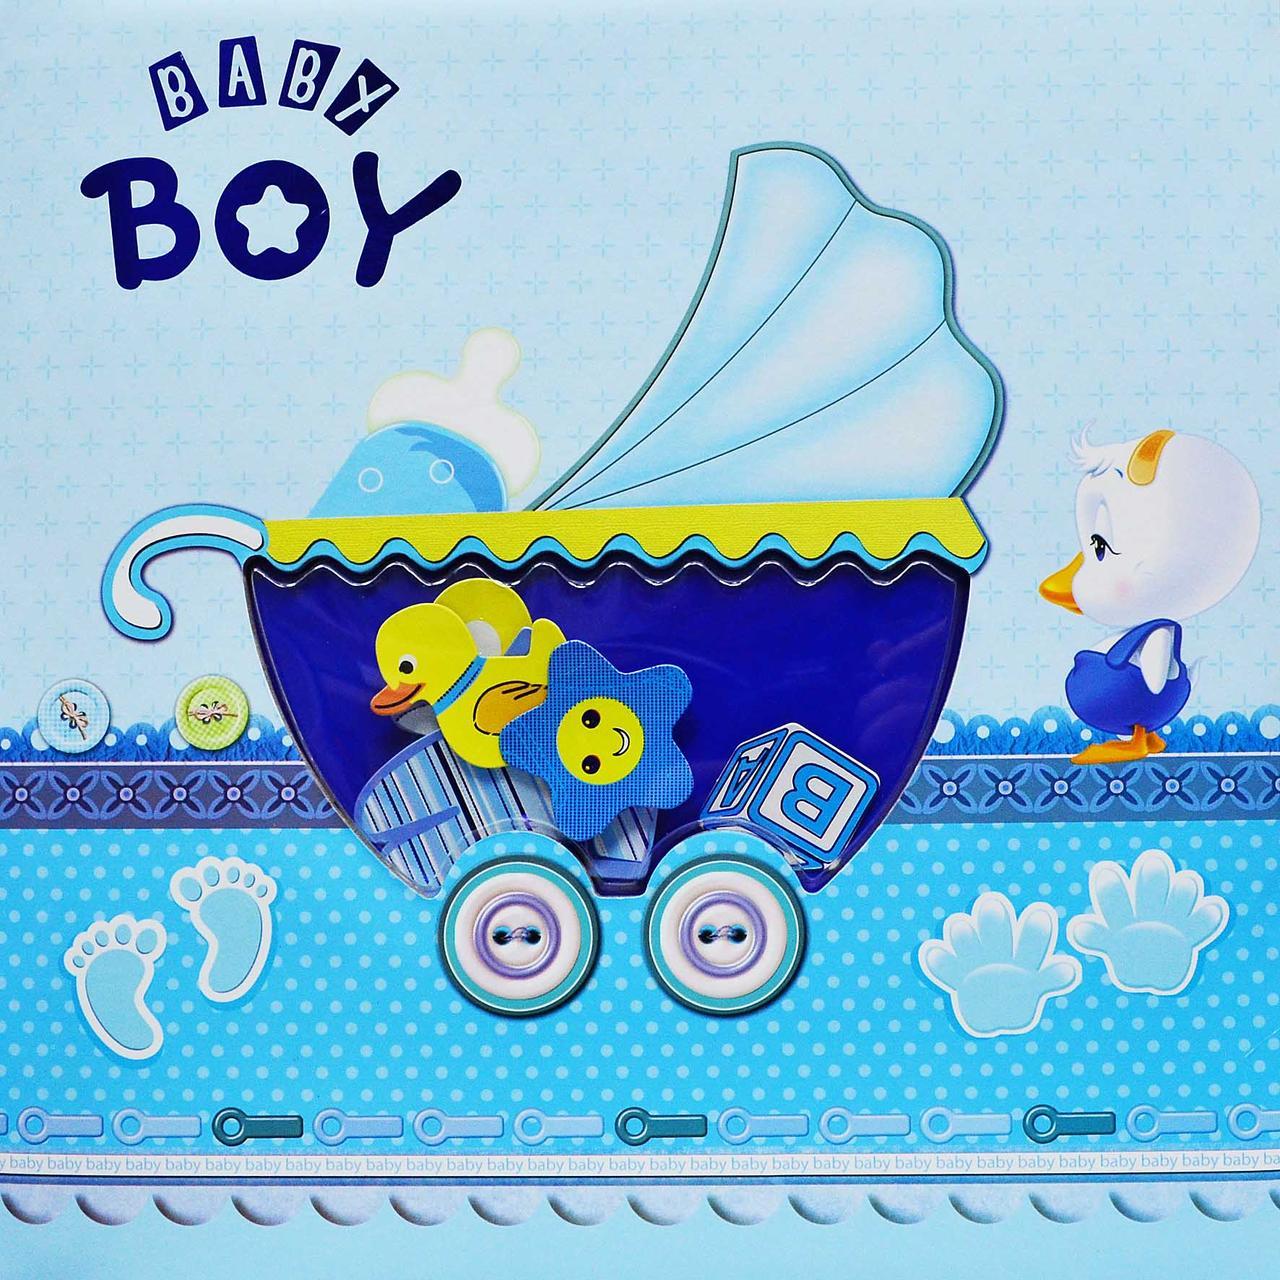 Фотоальбом з Анкетою BABY BOY   Дитячий альбом для новорожденнго з анкетою та місцем для відбитків